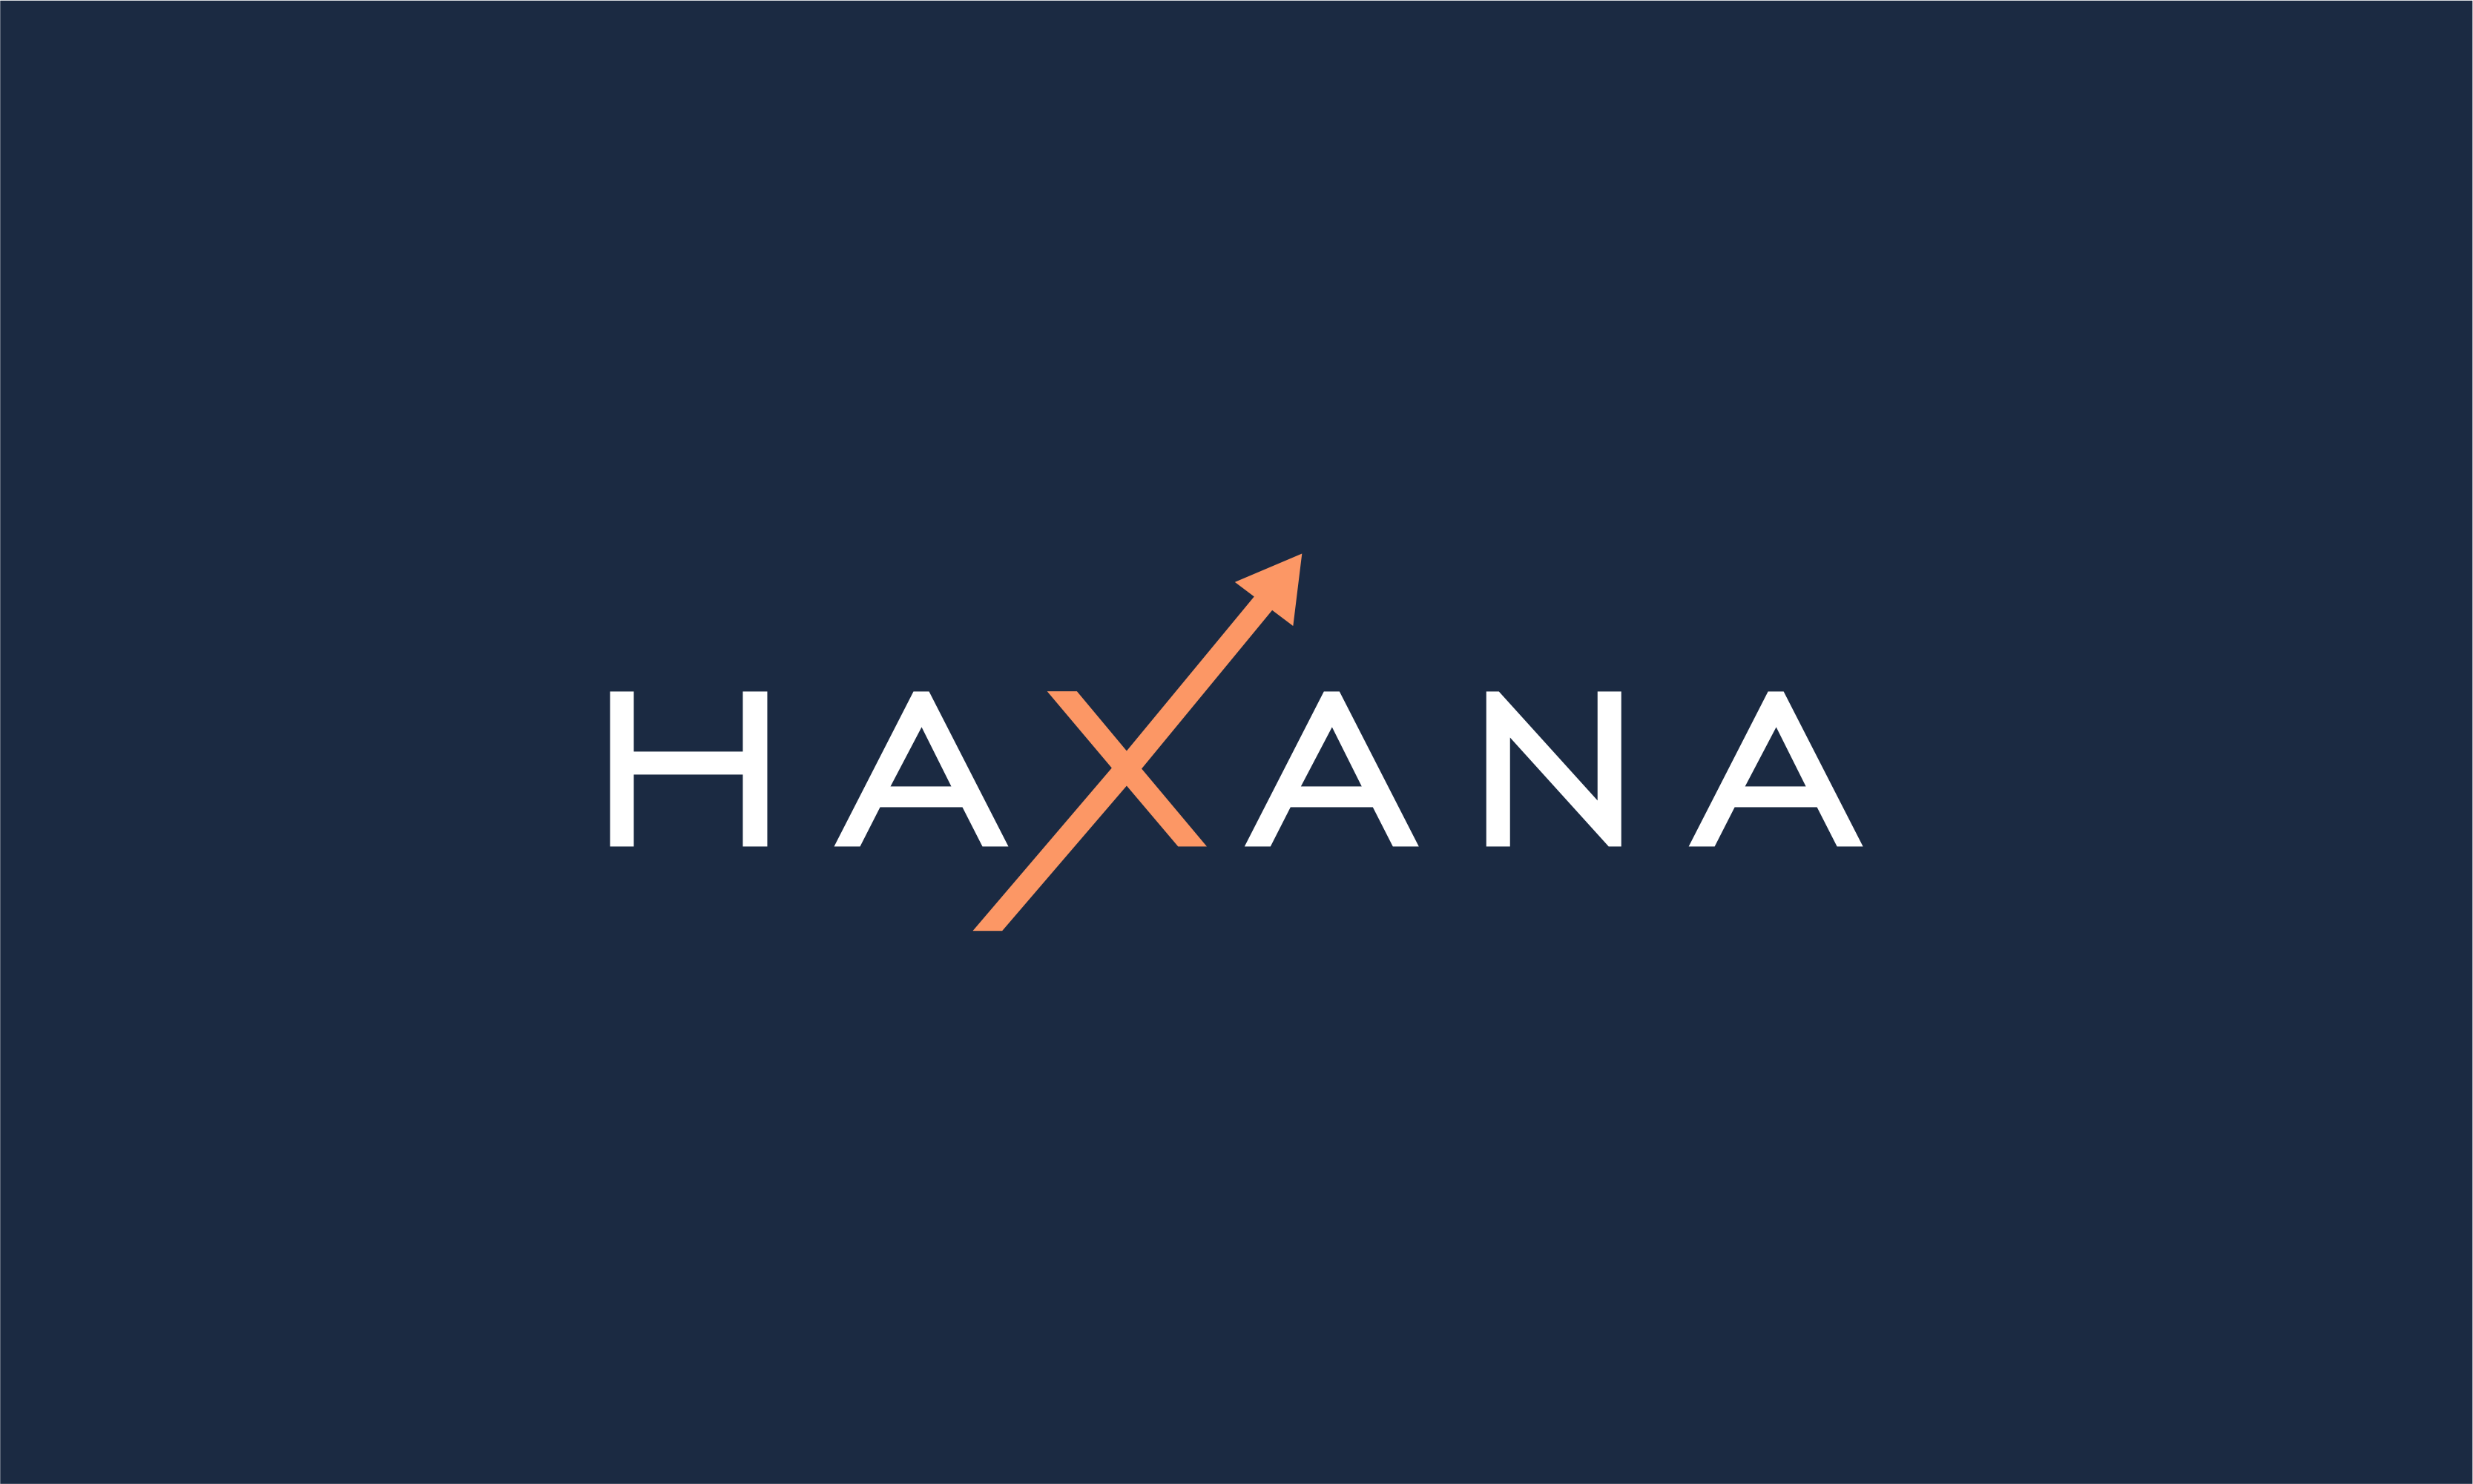 Haxana